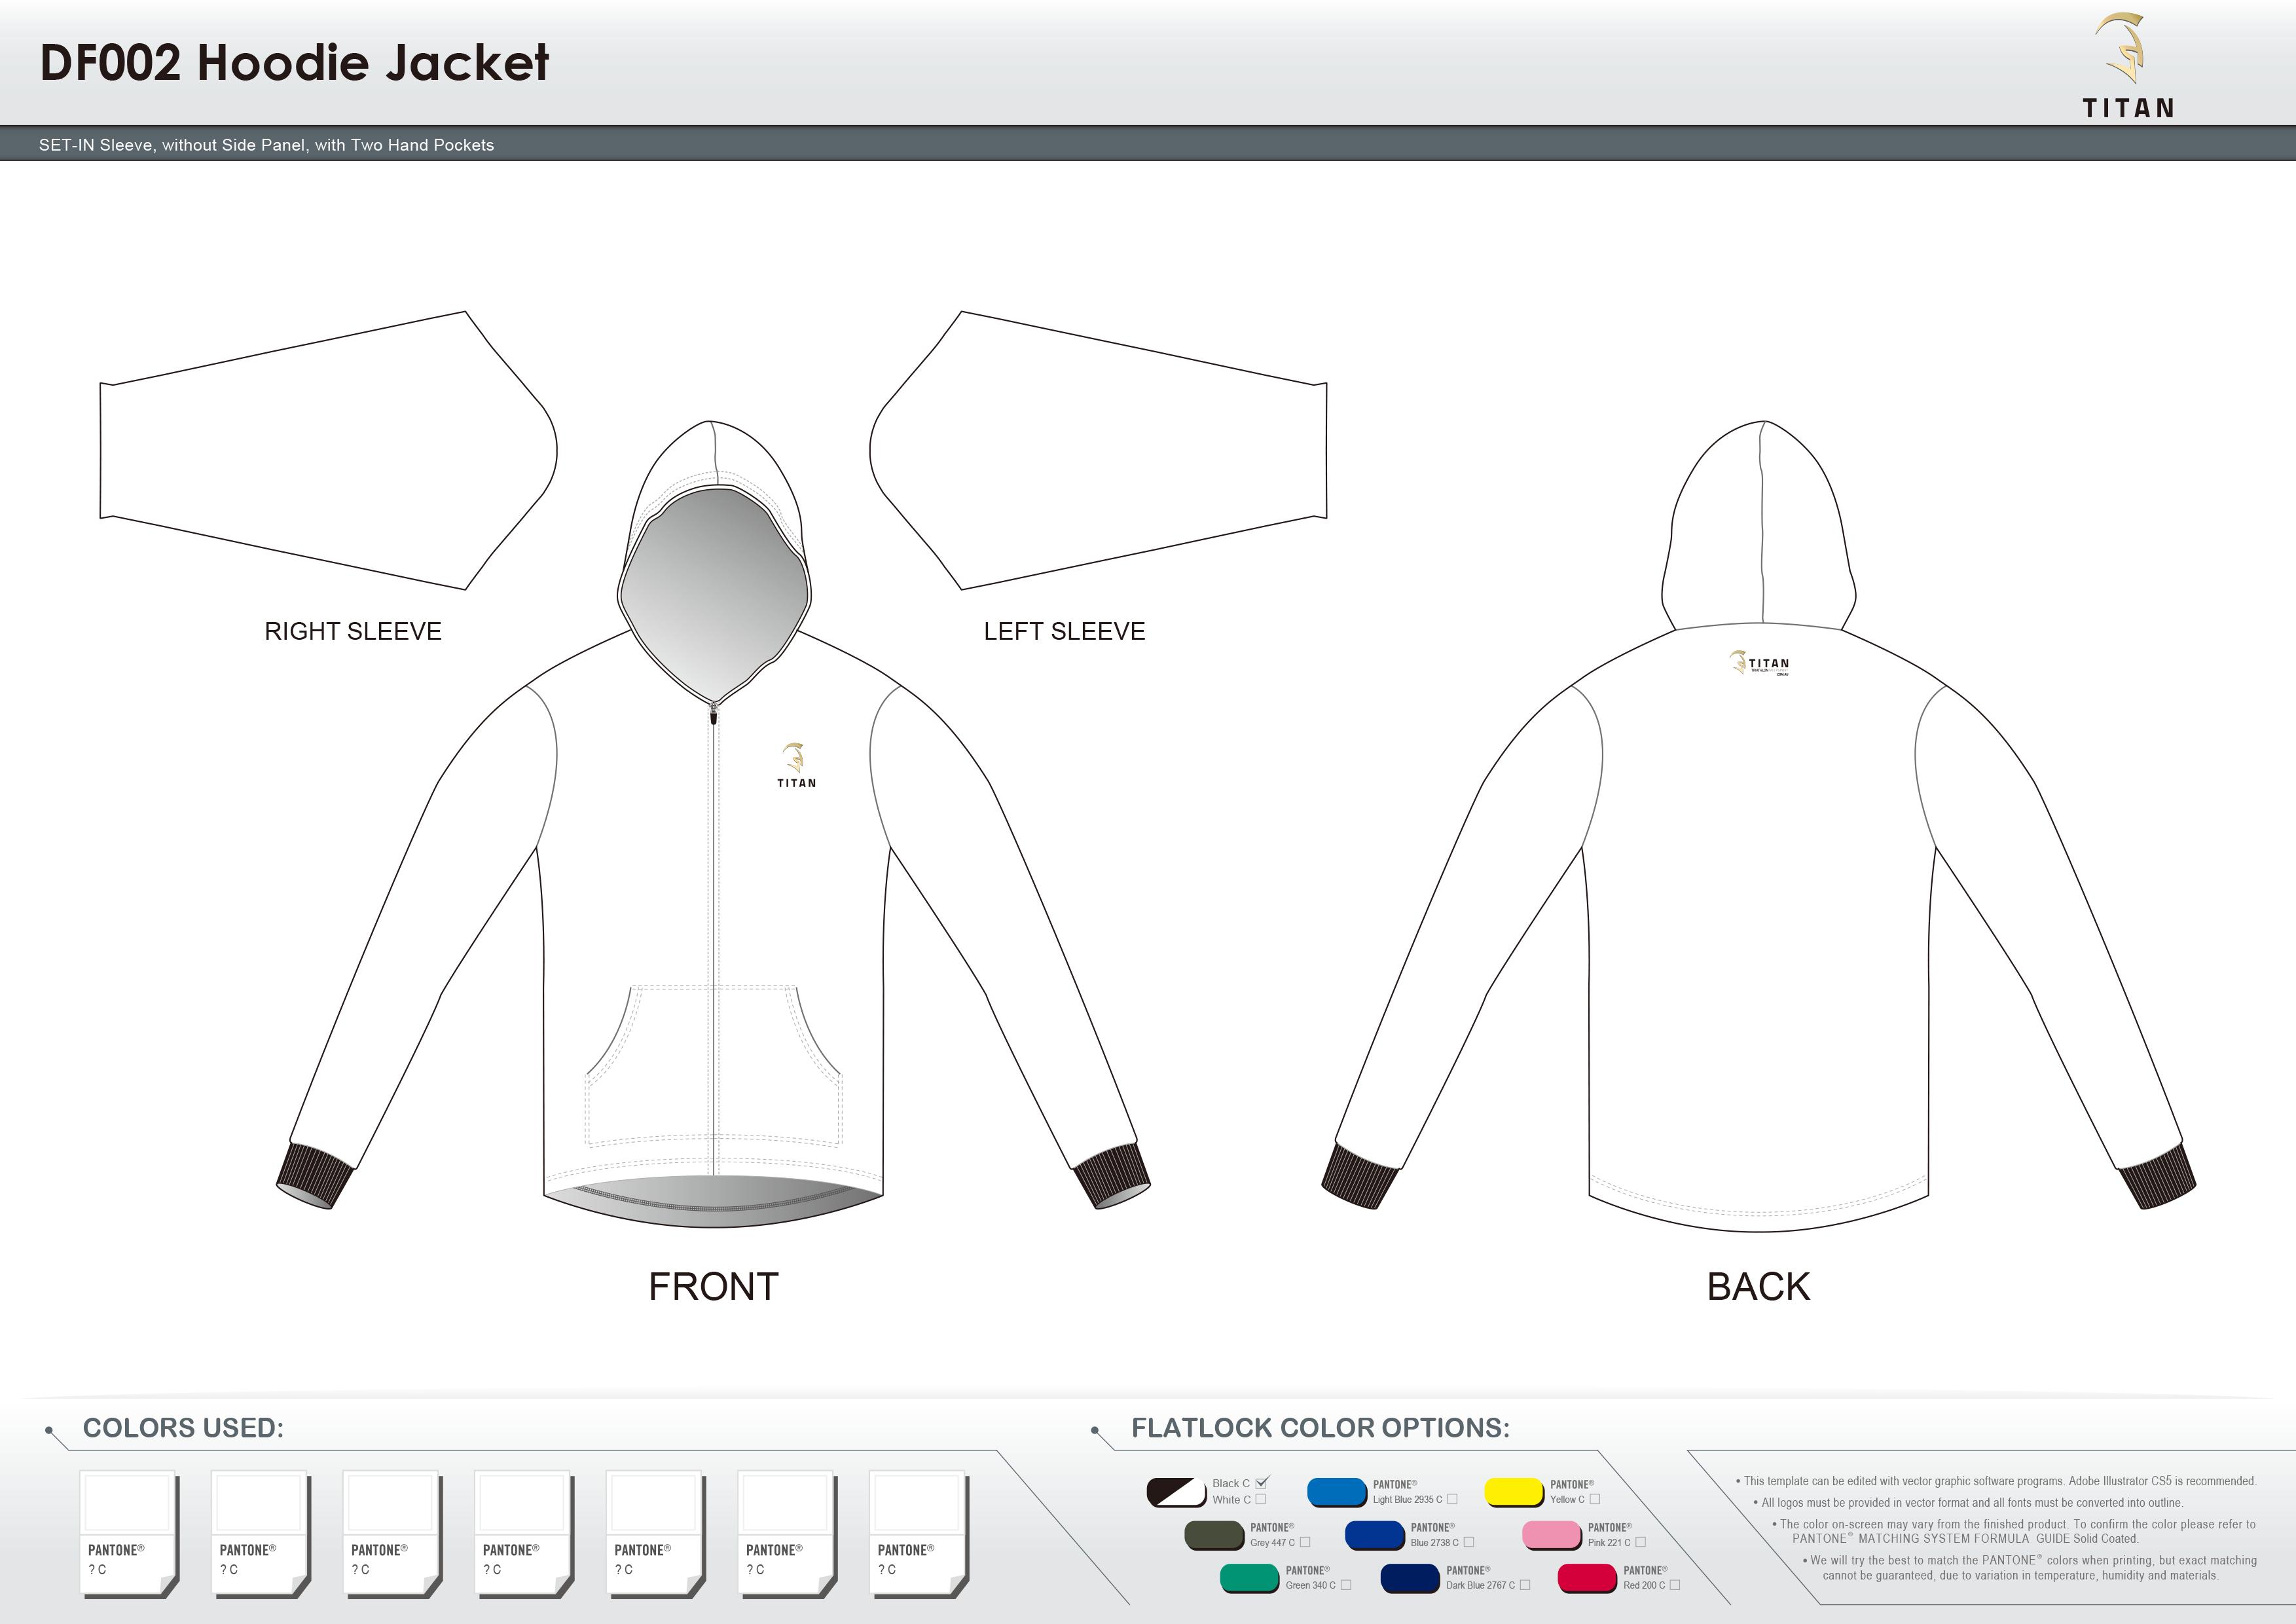 DF002 Hoodie Jacket